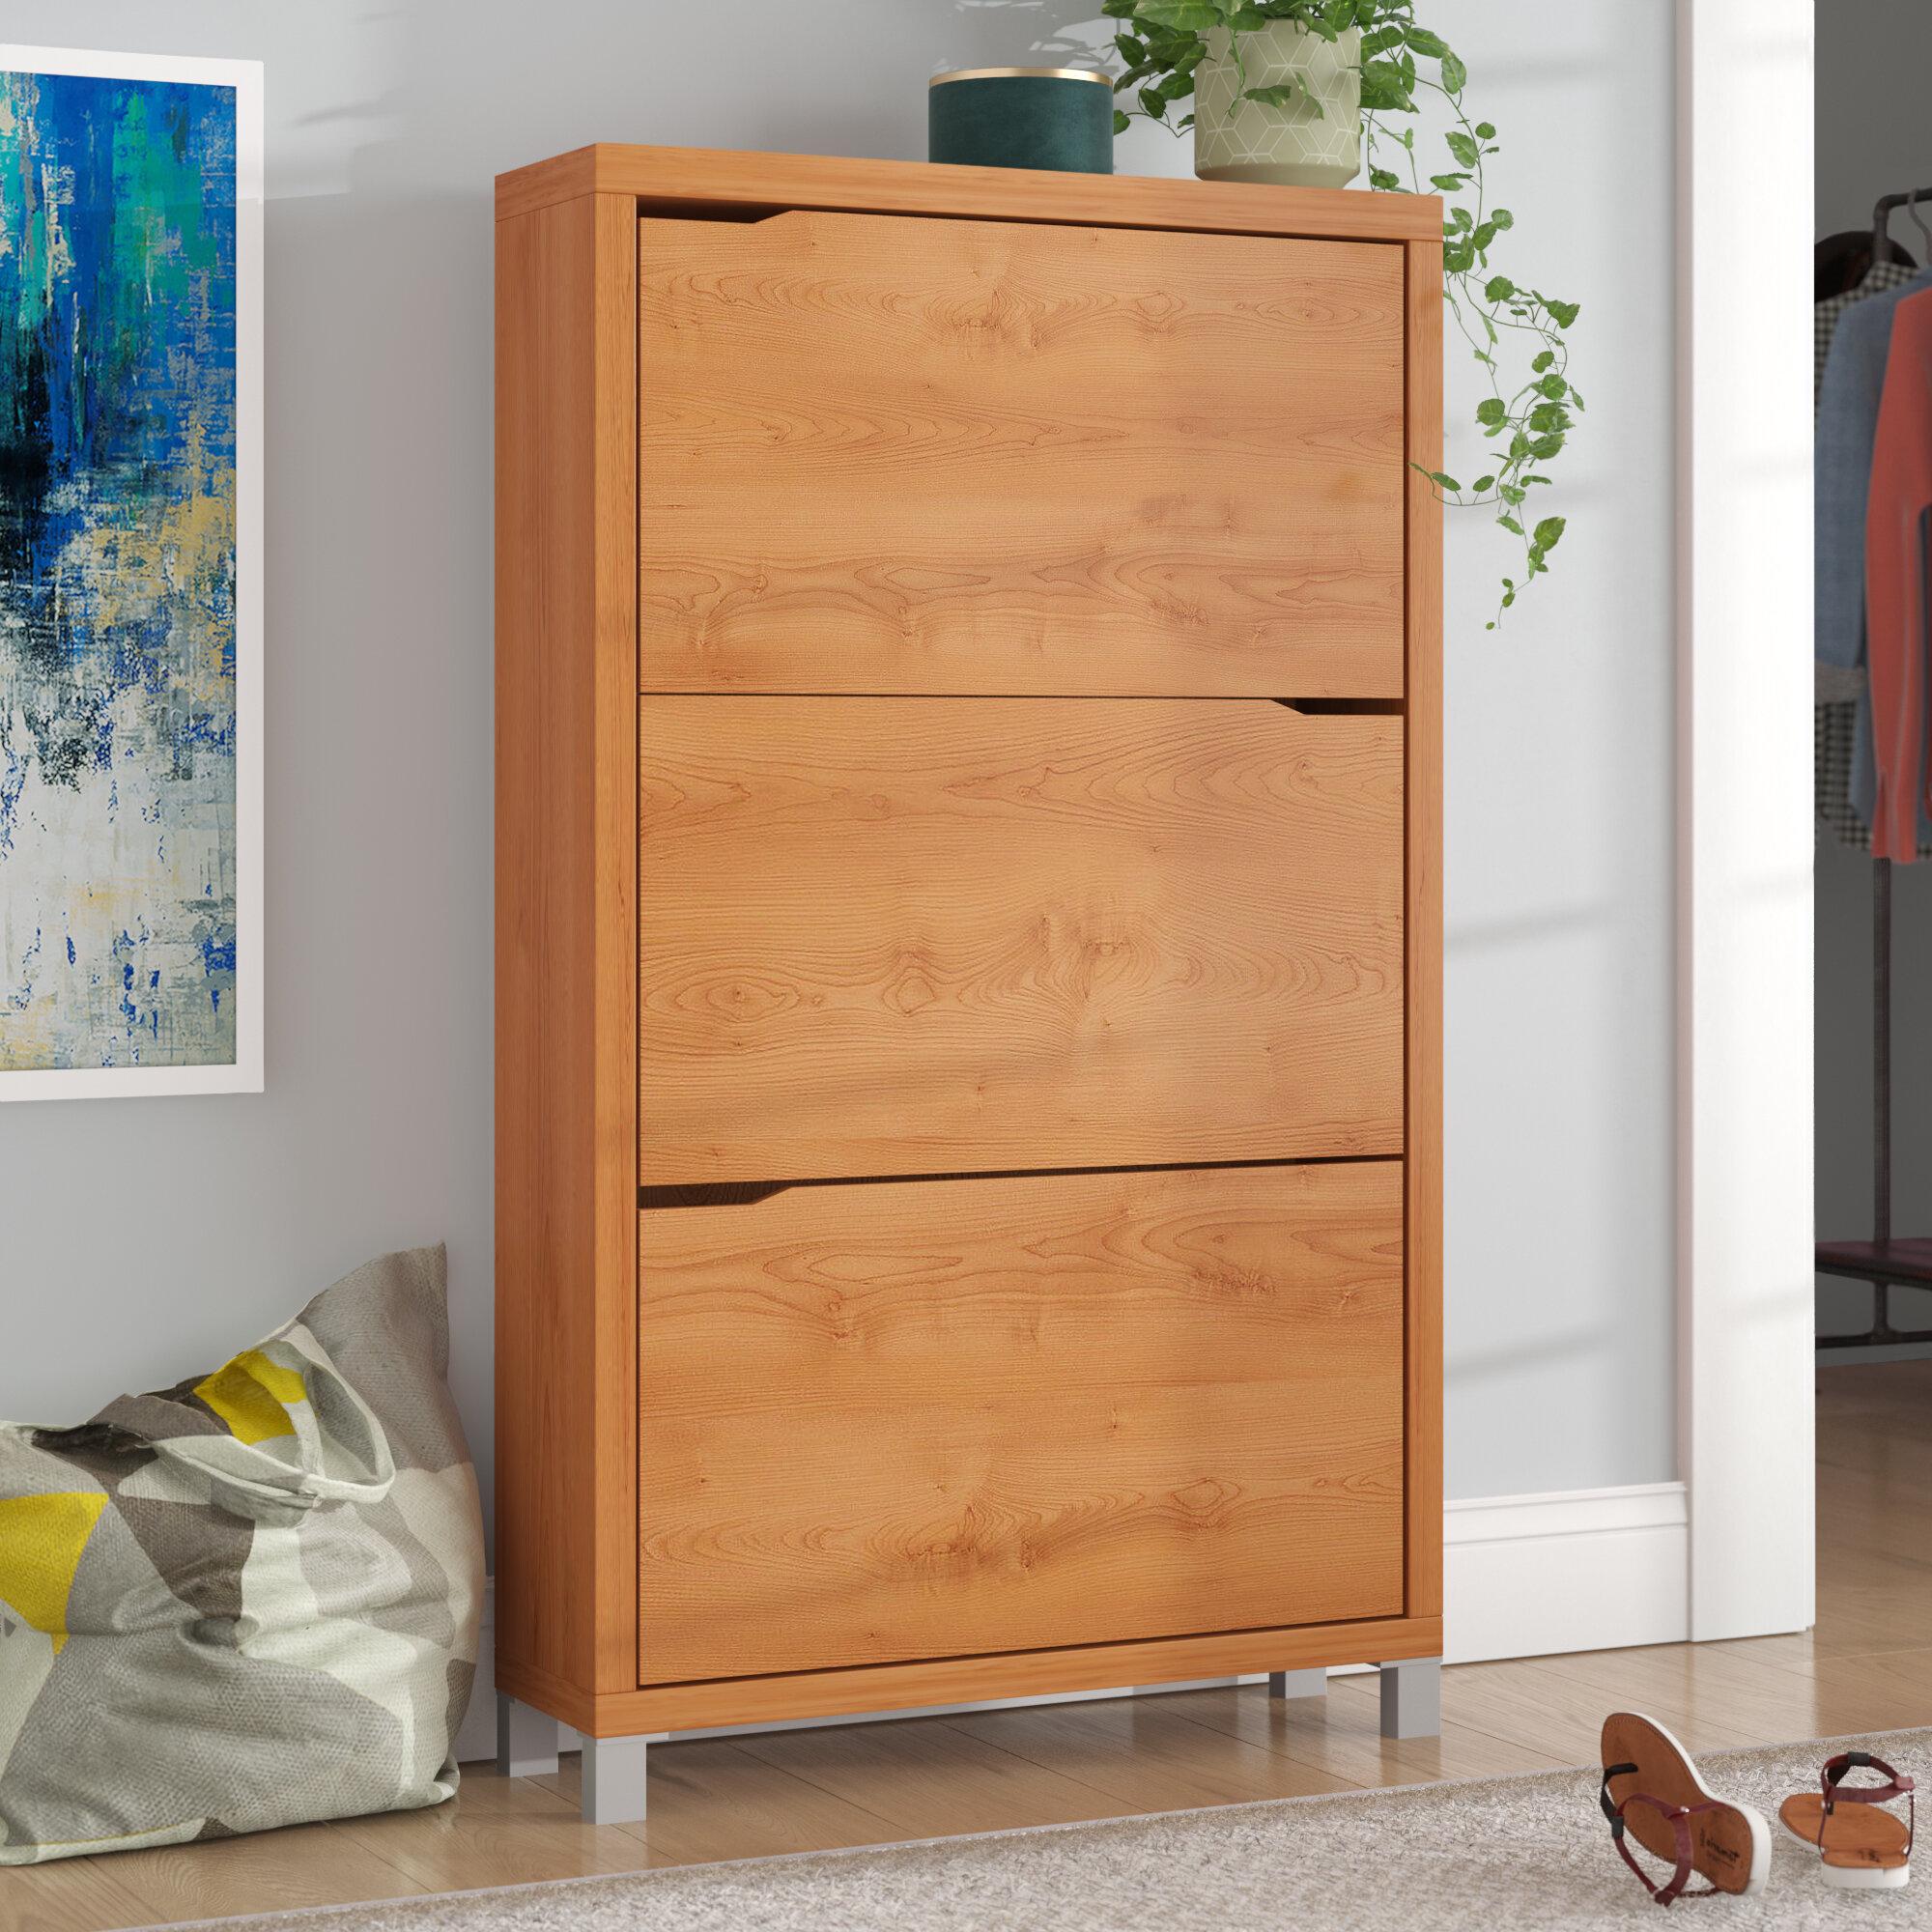 Brayden studio cade modern 18 pair shoe storage cabinet reviews wayfair